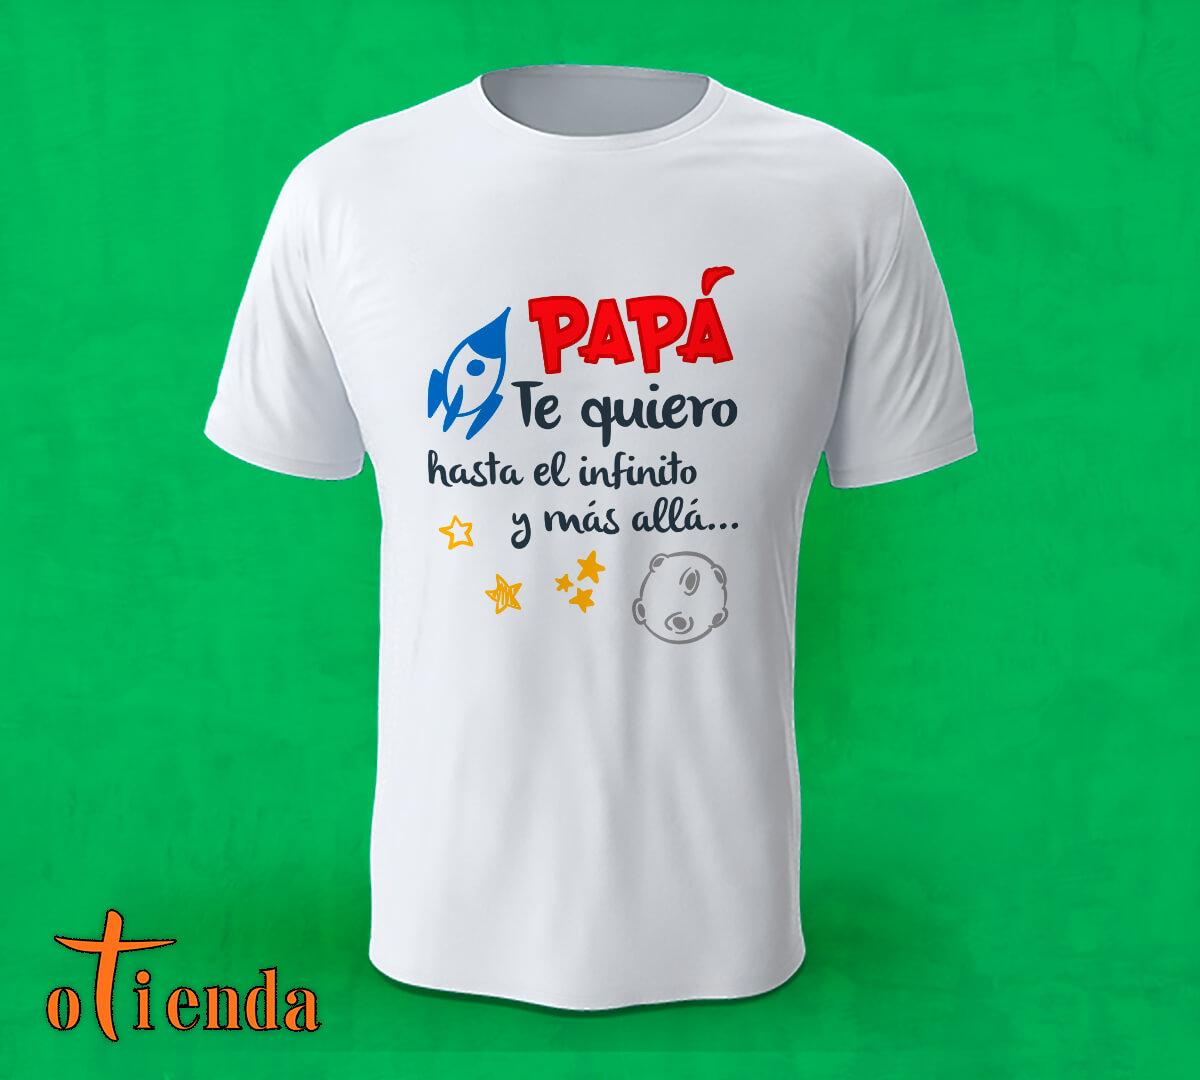 Camiseta Frases de Hombres personalizada